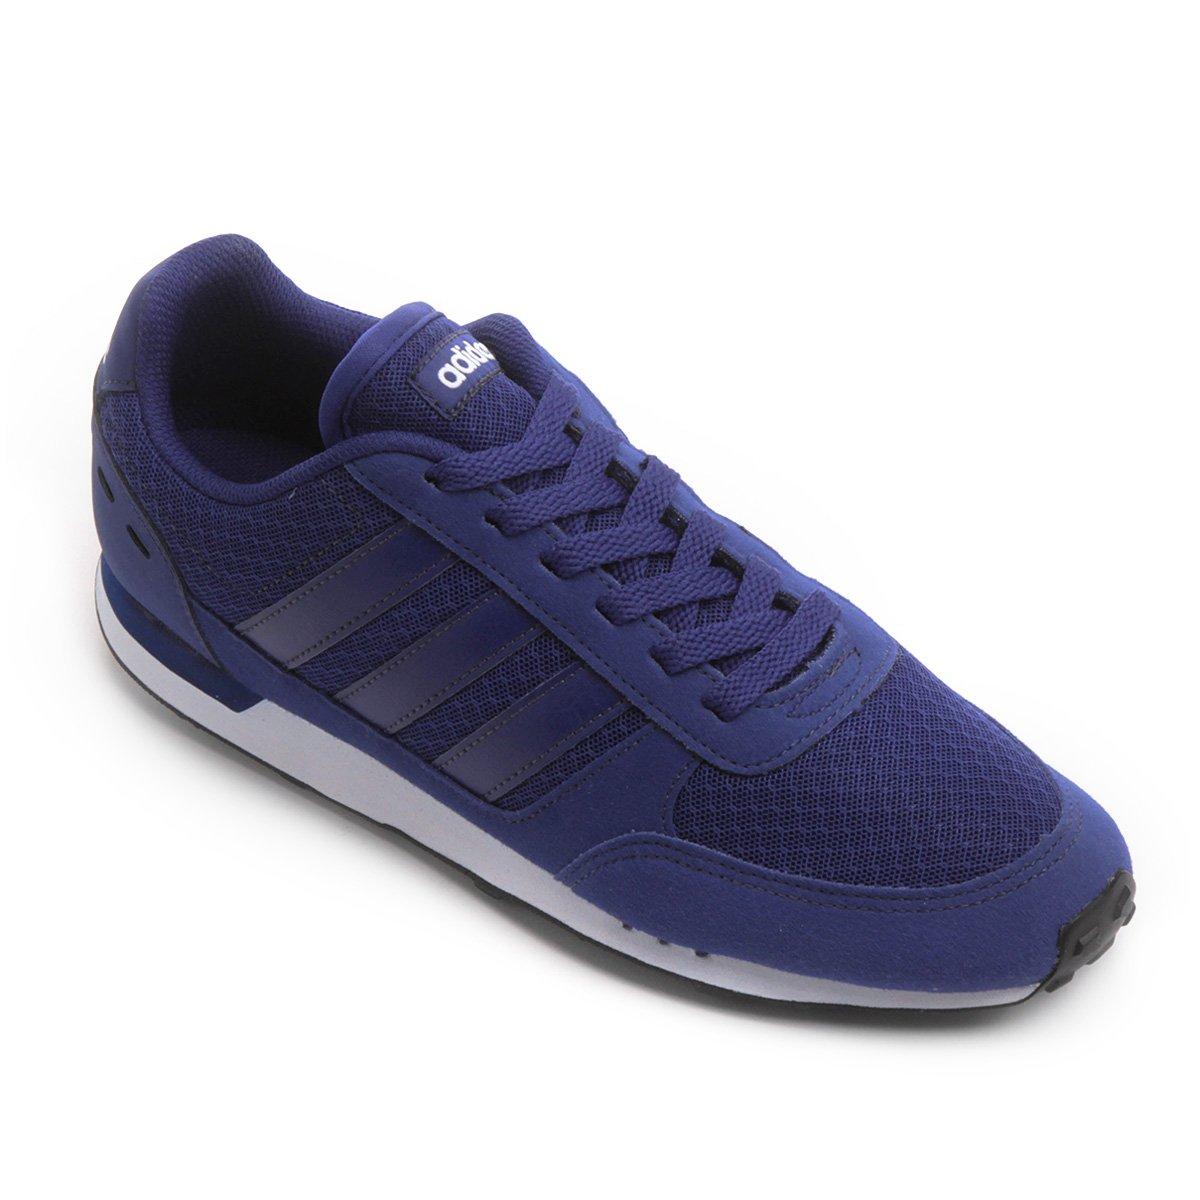 92d24644fd6 Tênis Adidas City Racer W Feminino - Compre Agora